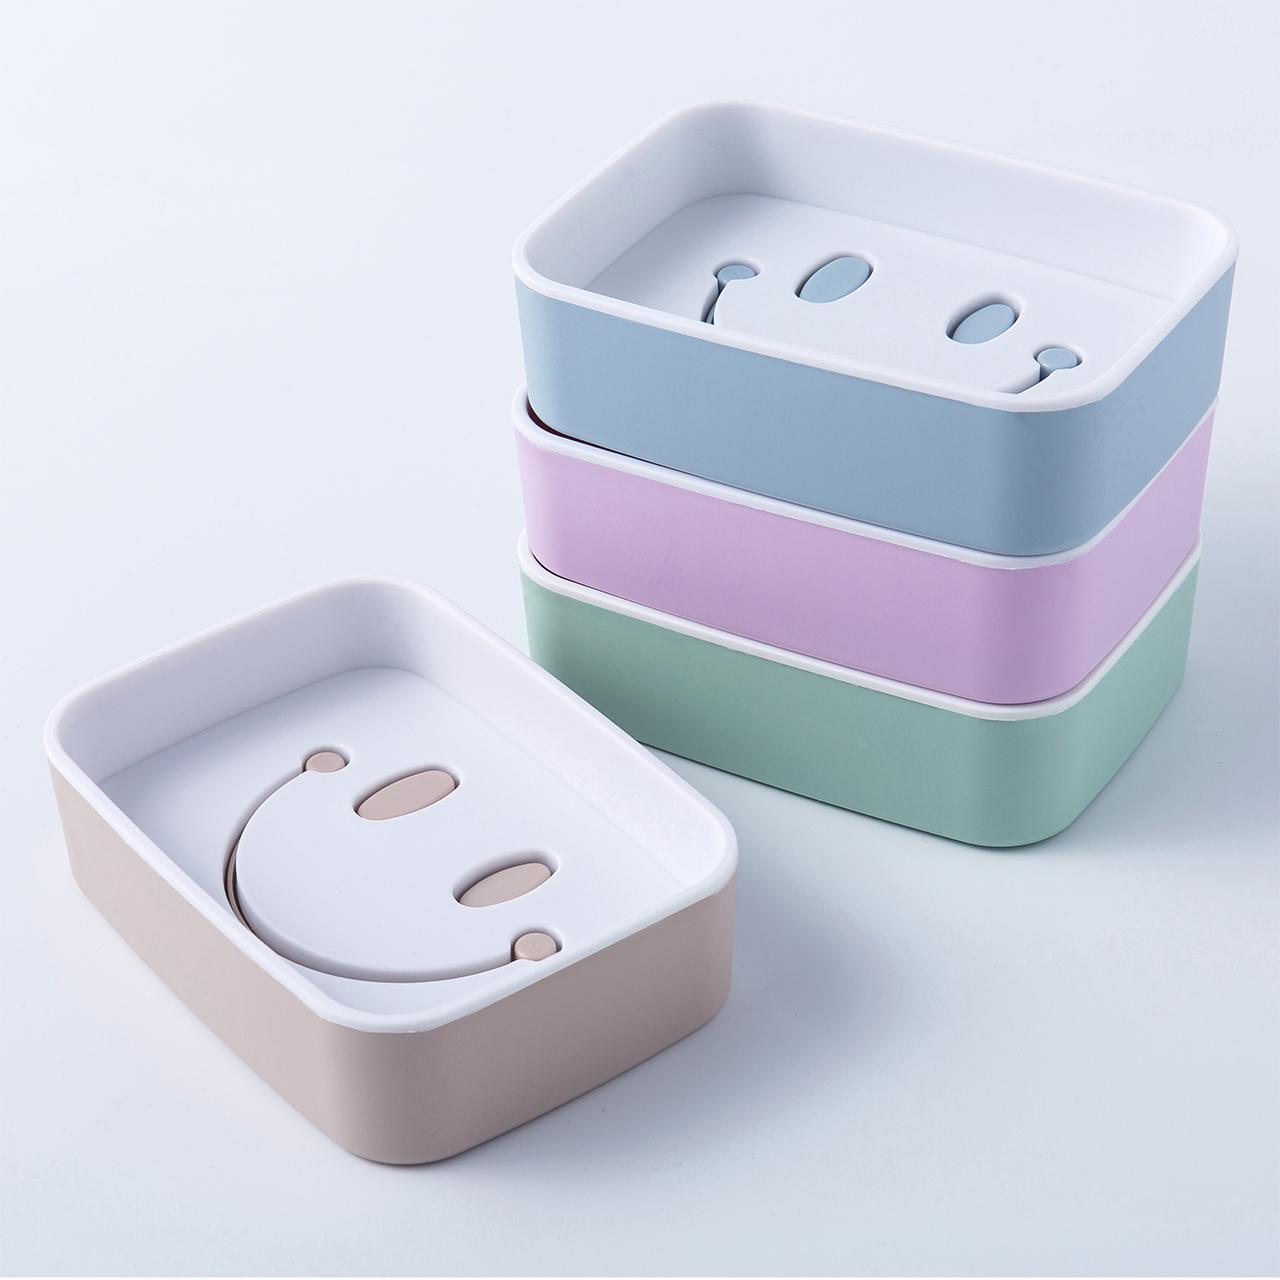 百利莱3个装家用肥皂盒卫生间浴室双层沥水塑料欧式香皂盒肥皂盒